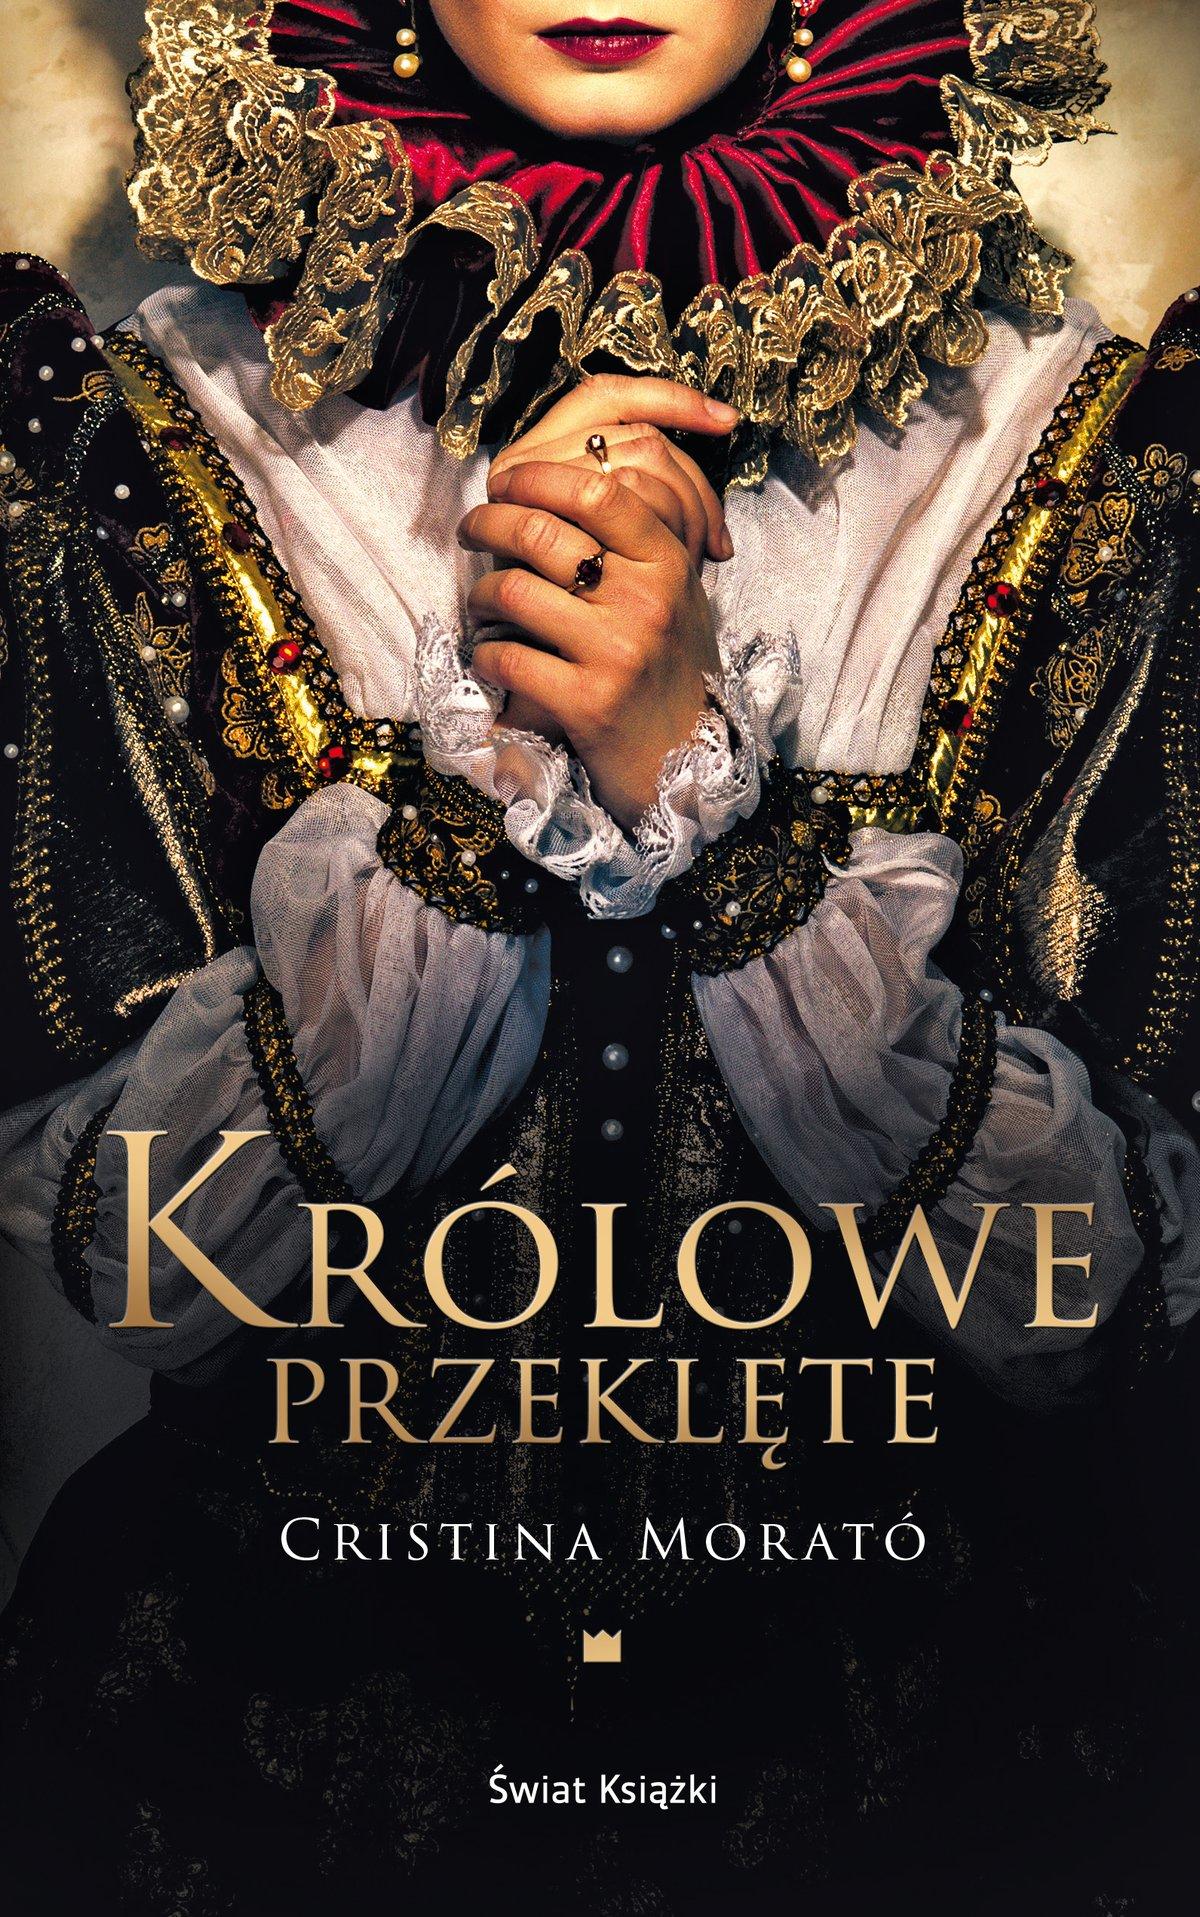 Królowe przeklęte - Ebook (Książka na Kindle) do pobrania w formacie MOBI